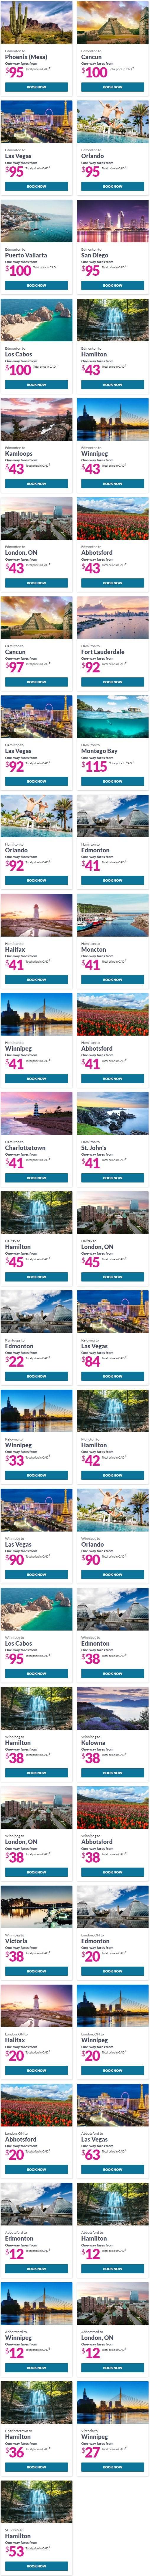 Swoop航空官网大促!飞往加拿大、美国、墨西哥指定城市航班机票低至12加元!飞往拉斯维加斯低至63加元,奥兰多低至90加元!